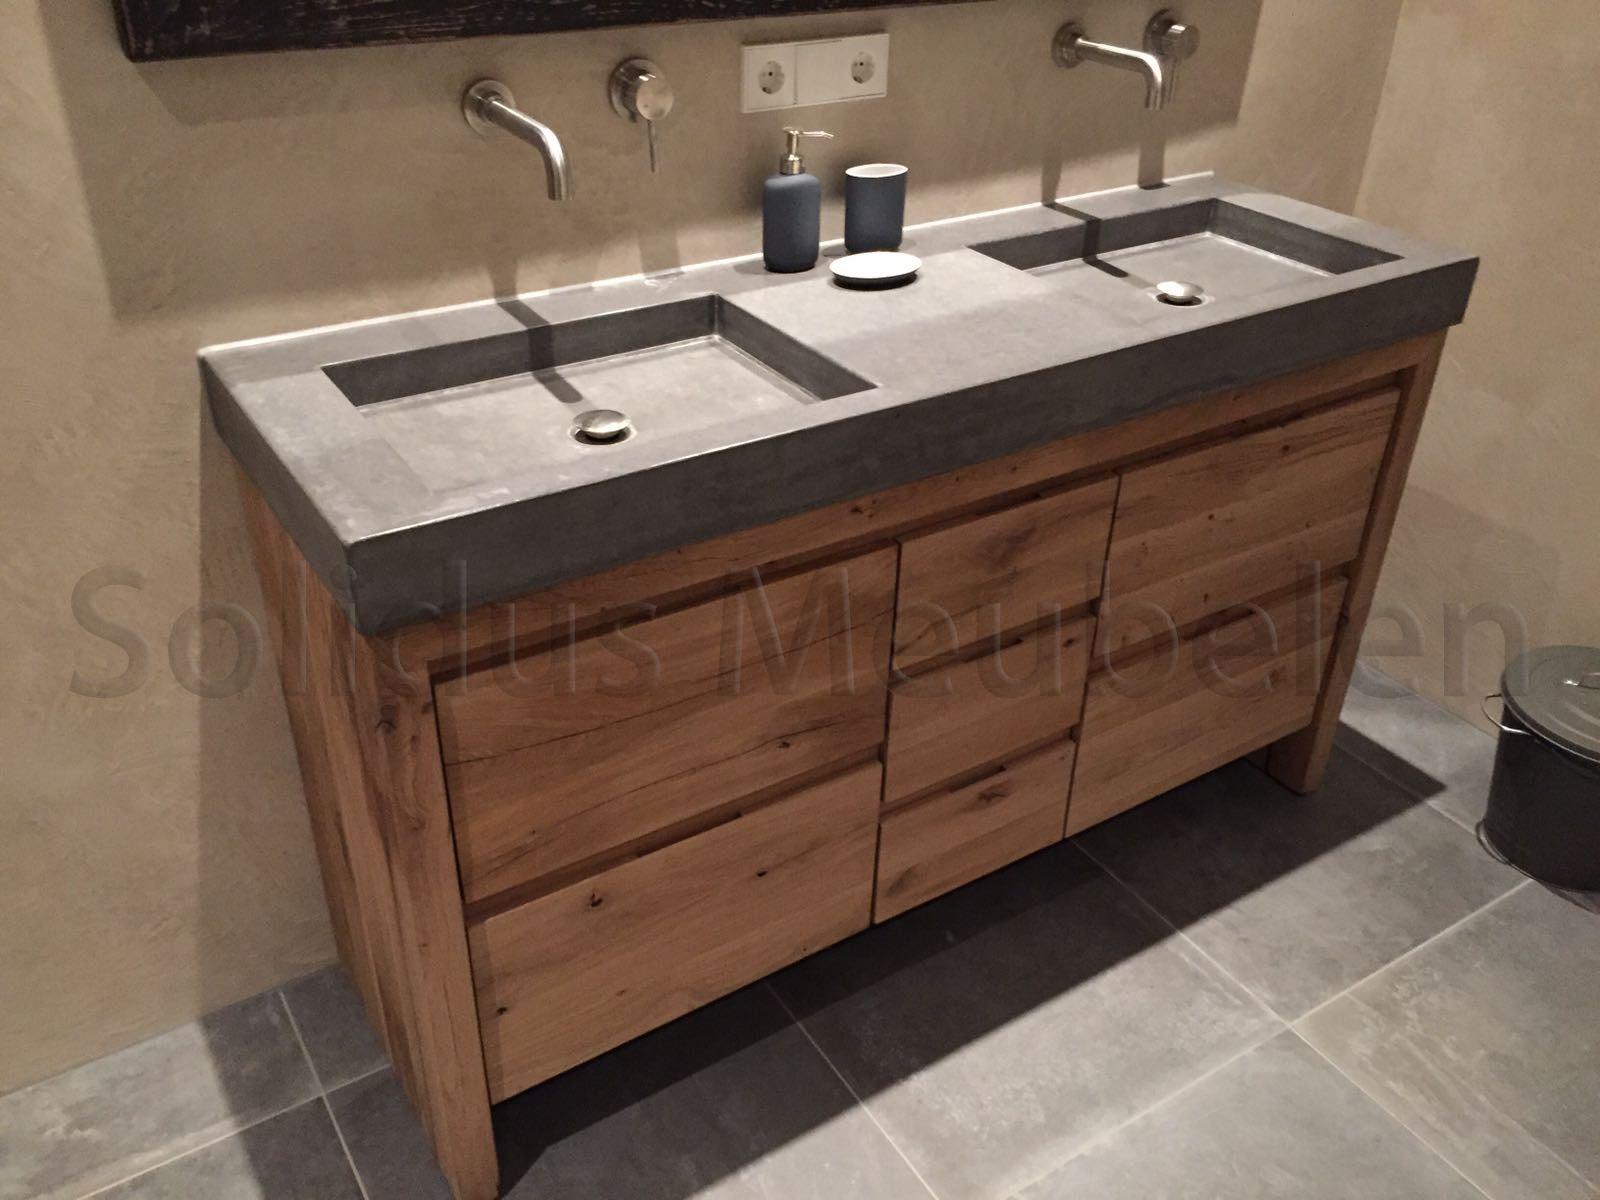 Maatwerk badkamermeubel van oud eiken en beton badkamermeubel